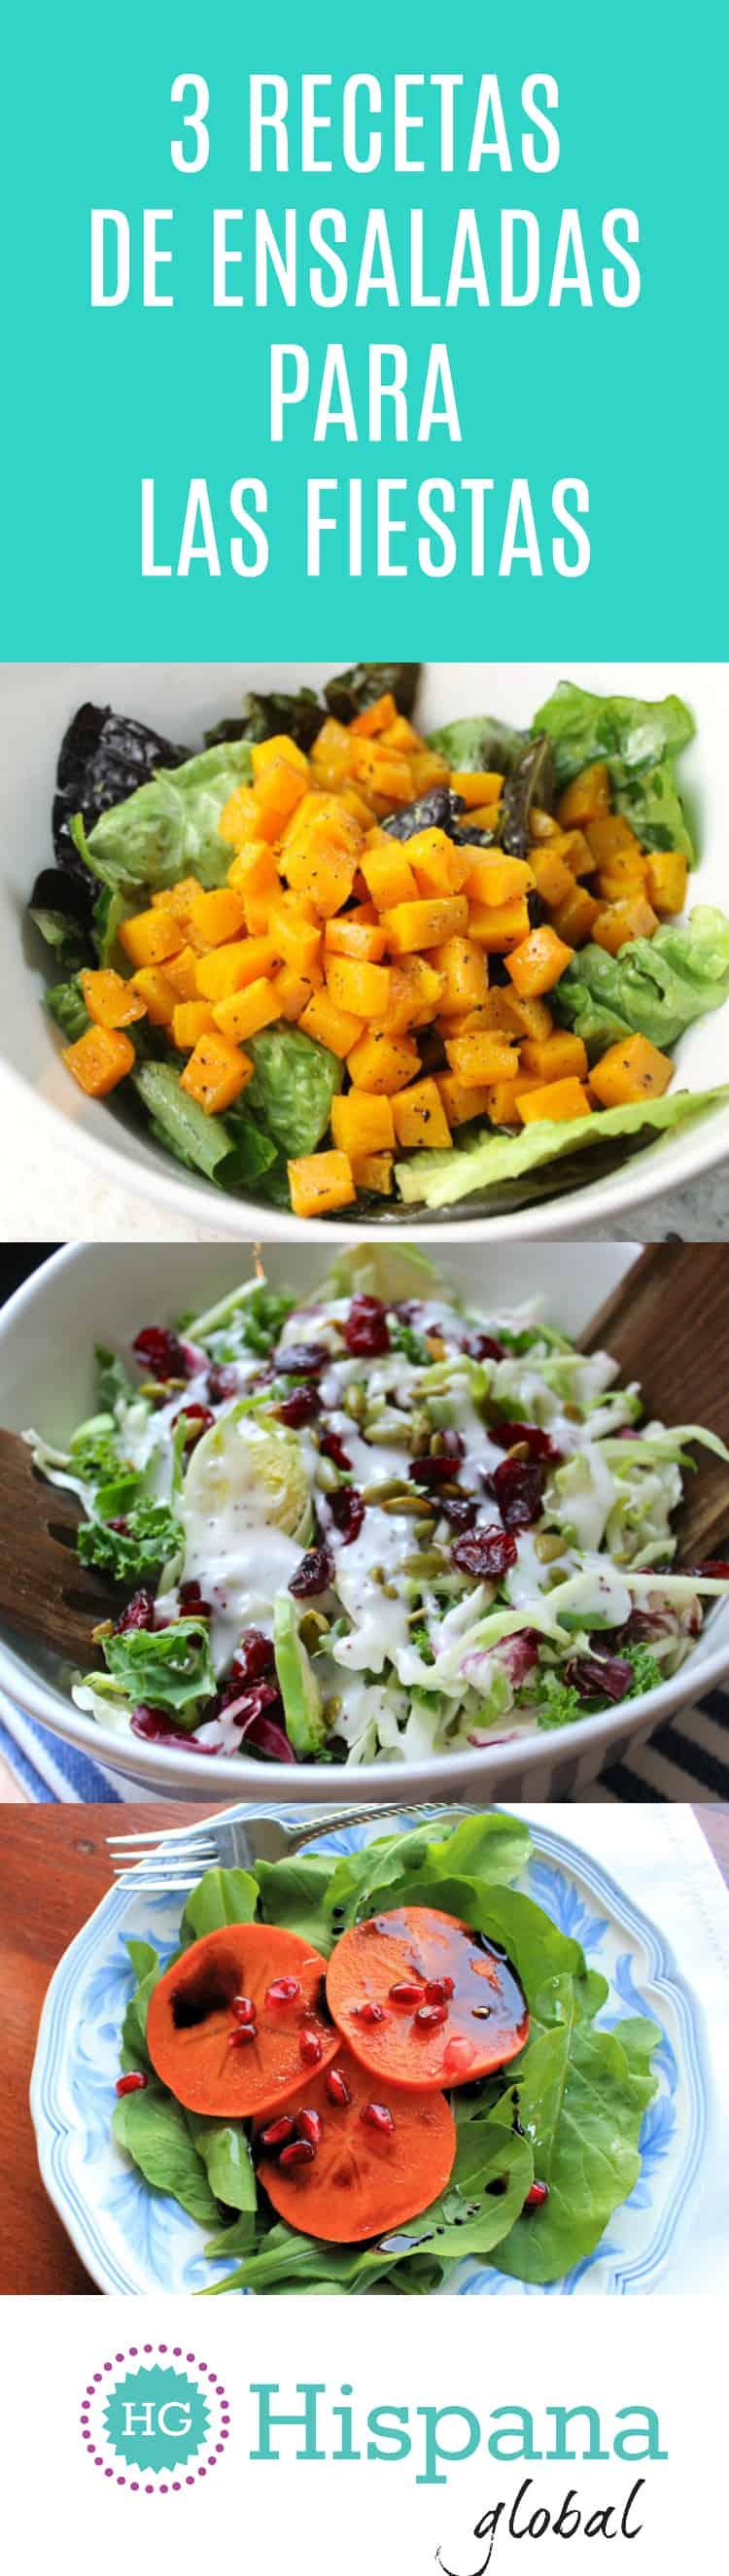 3 recetas de ensaladas deliciosas para las fiestas de fin de año